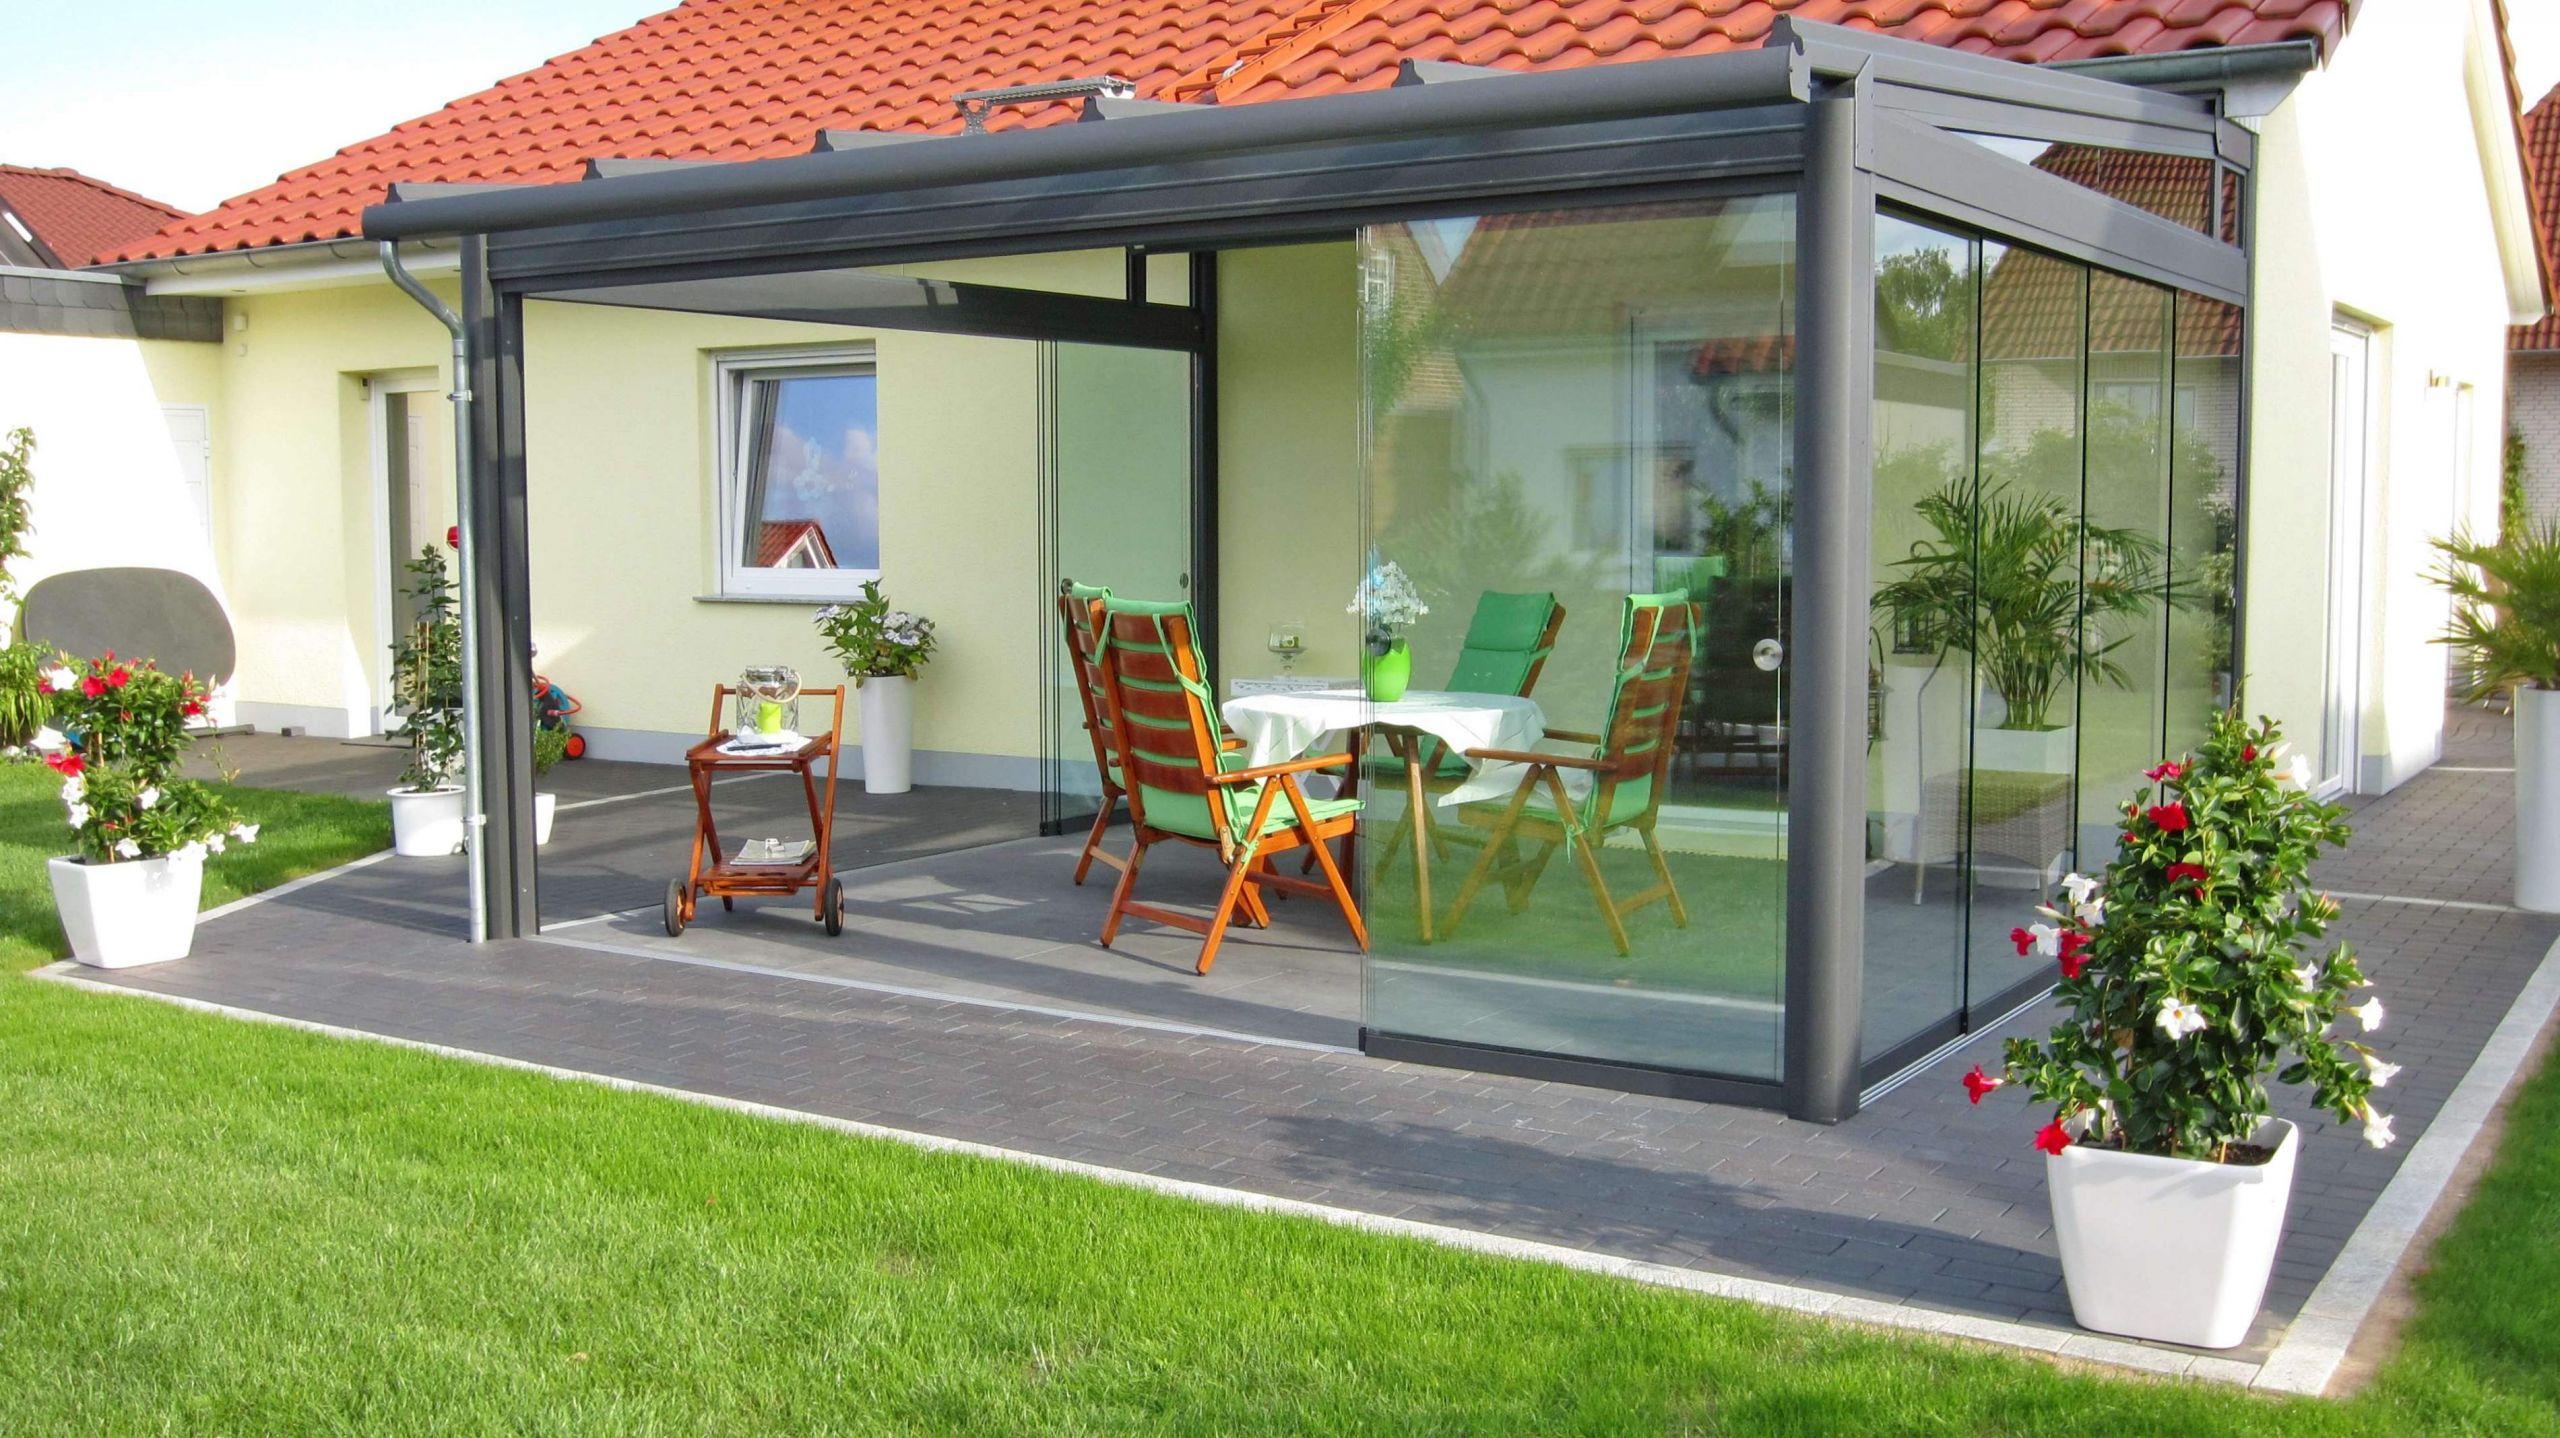 Garten überdachung Freistehend Einzigartig Wintergarten Aus Holland — Temobardz Home Blog